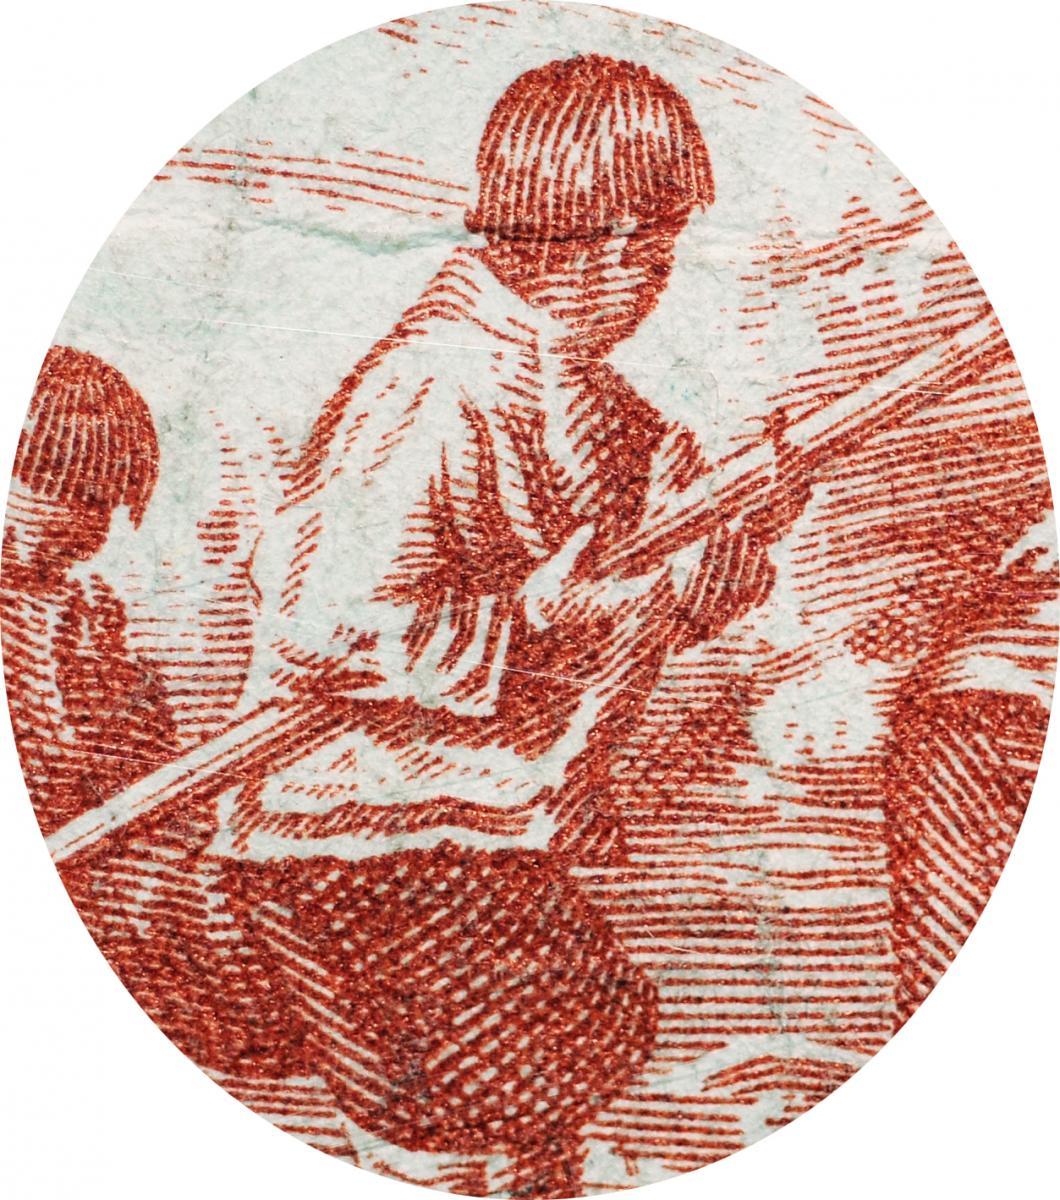 Gravure d'un homme tenant un harpon.